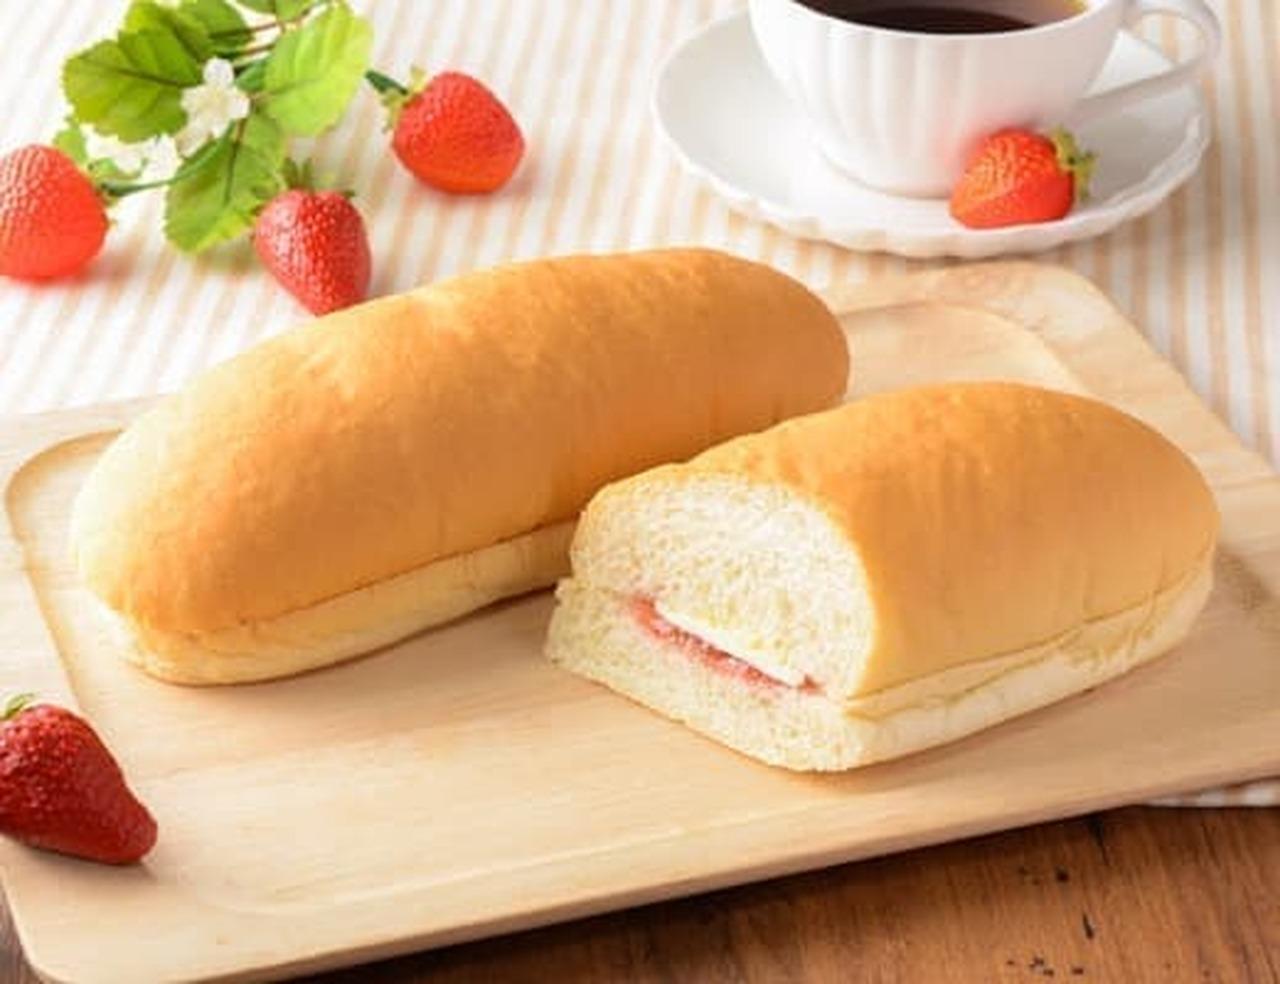 ローソン「NL 食べたいに応える!ふわもちコッペ いちごジャム&マーガリン」